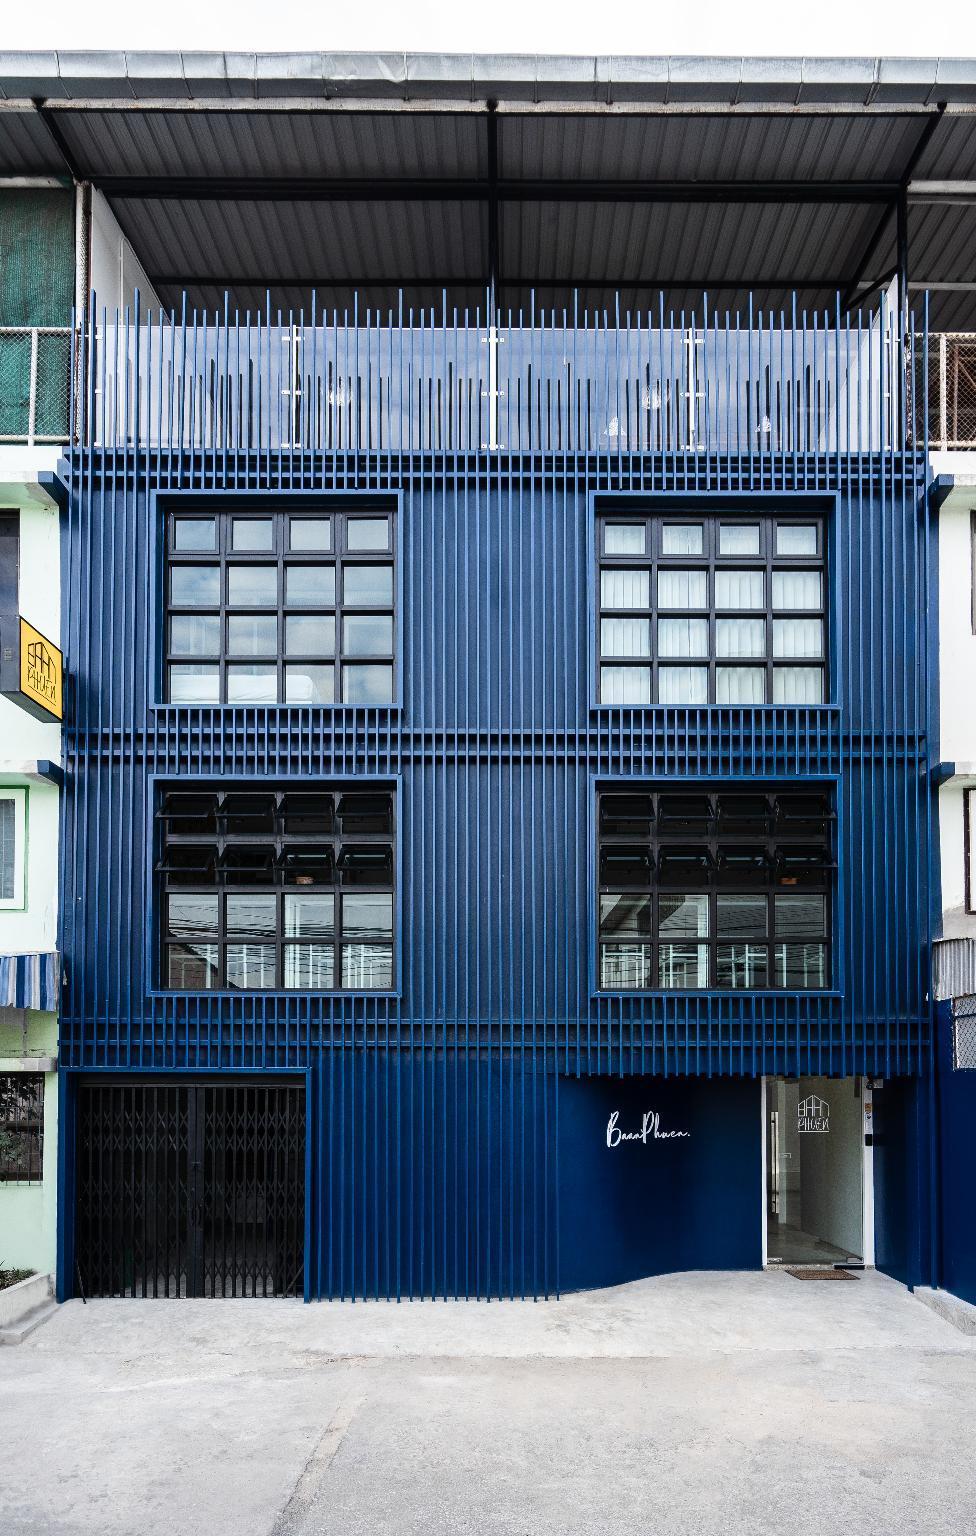 Baan Phuen Hostel And Rooftop Bar